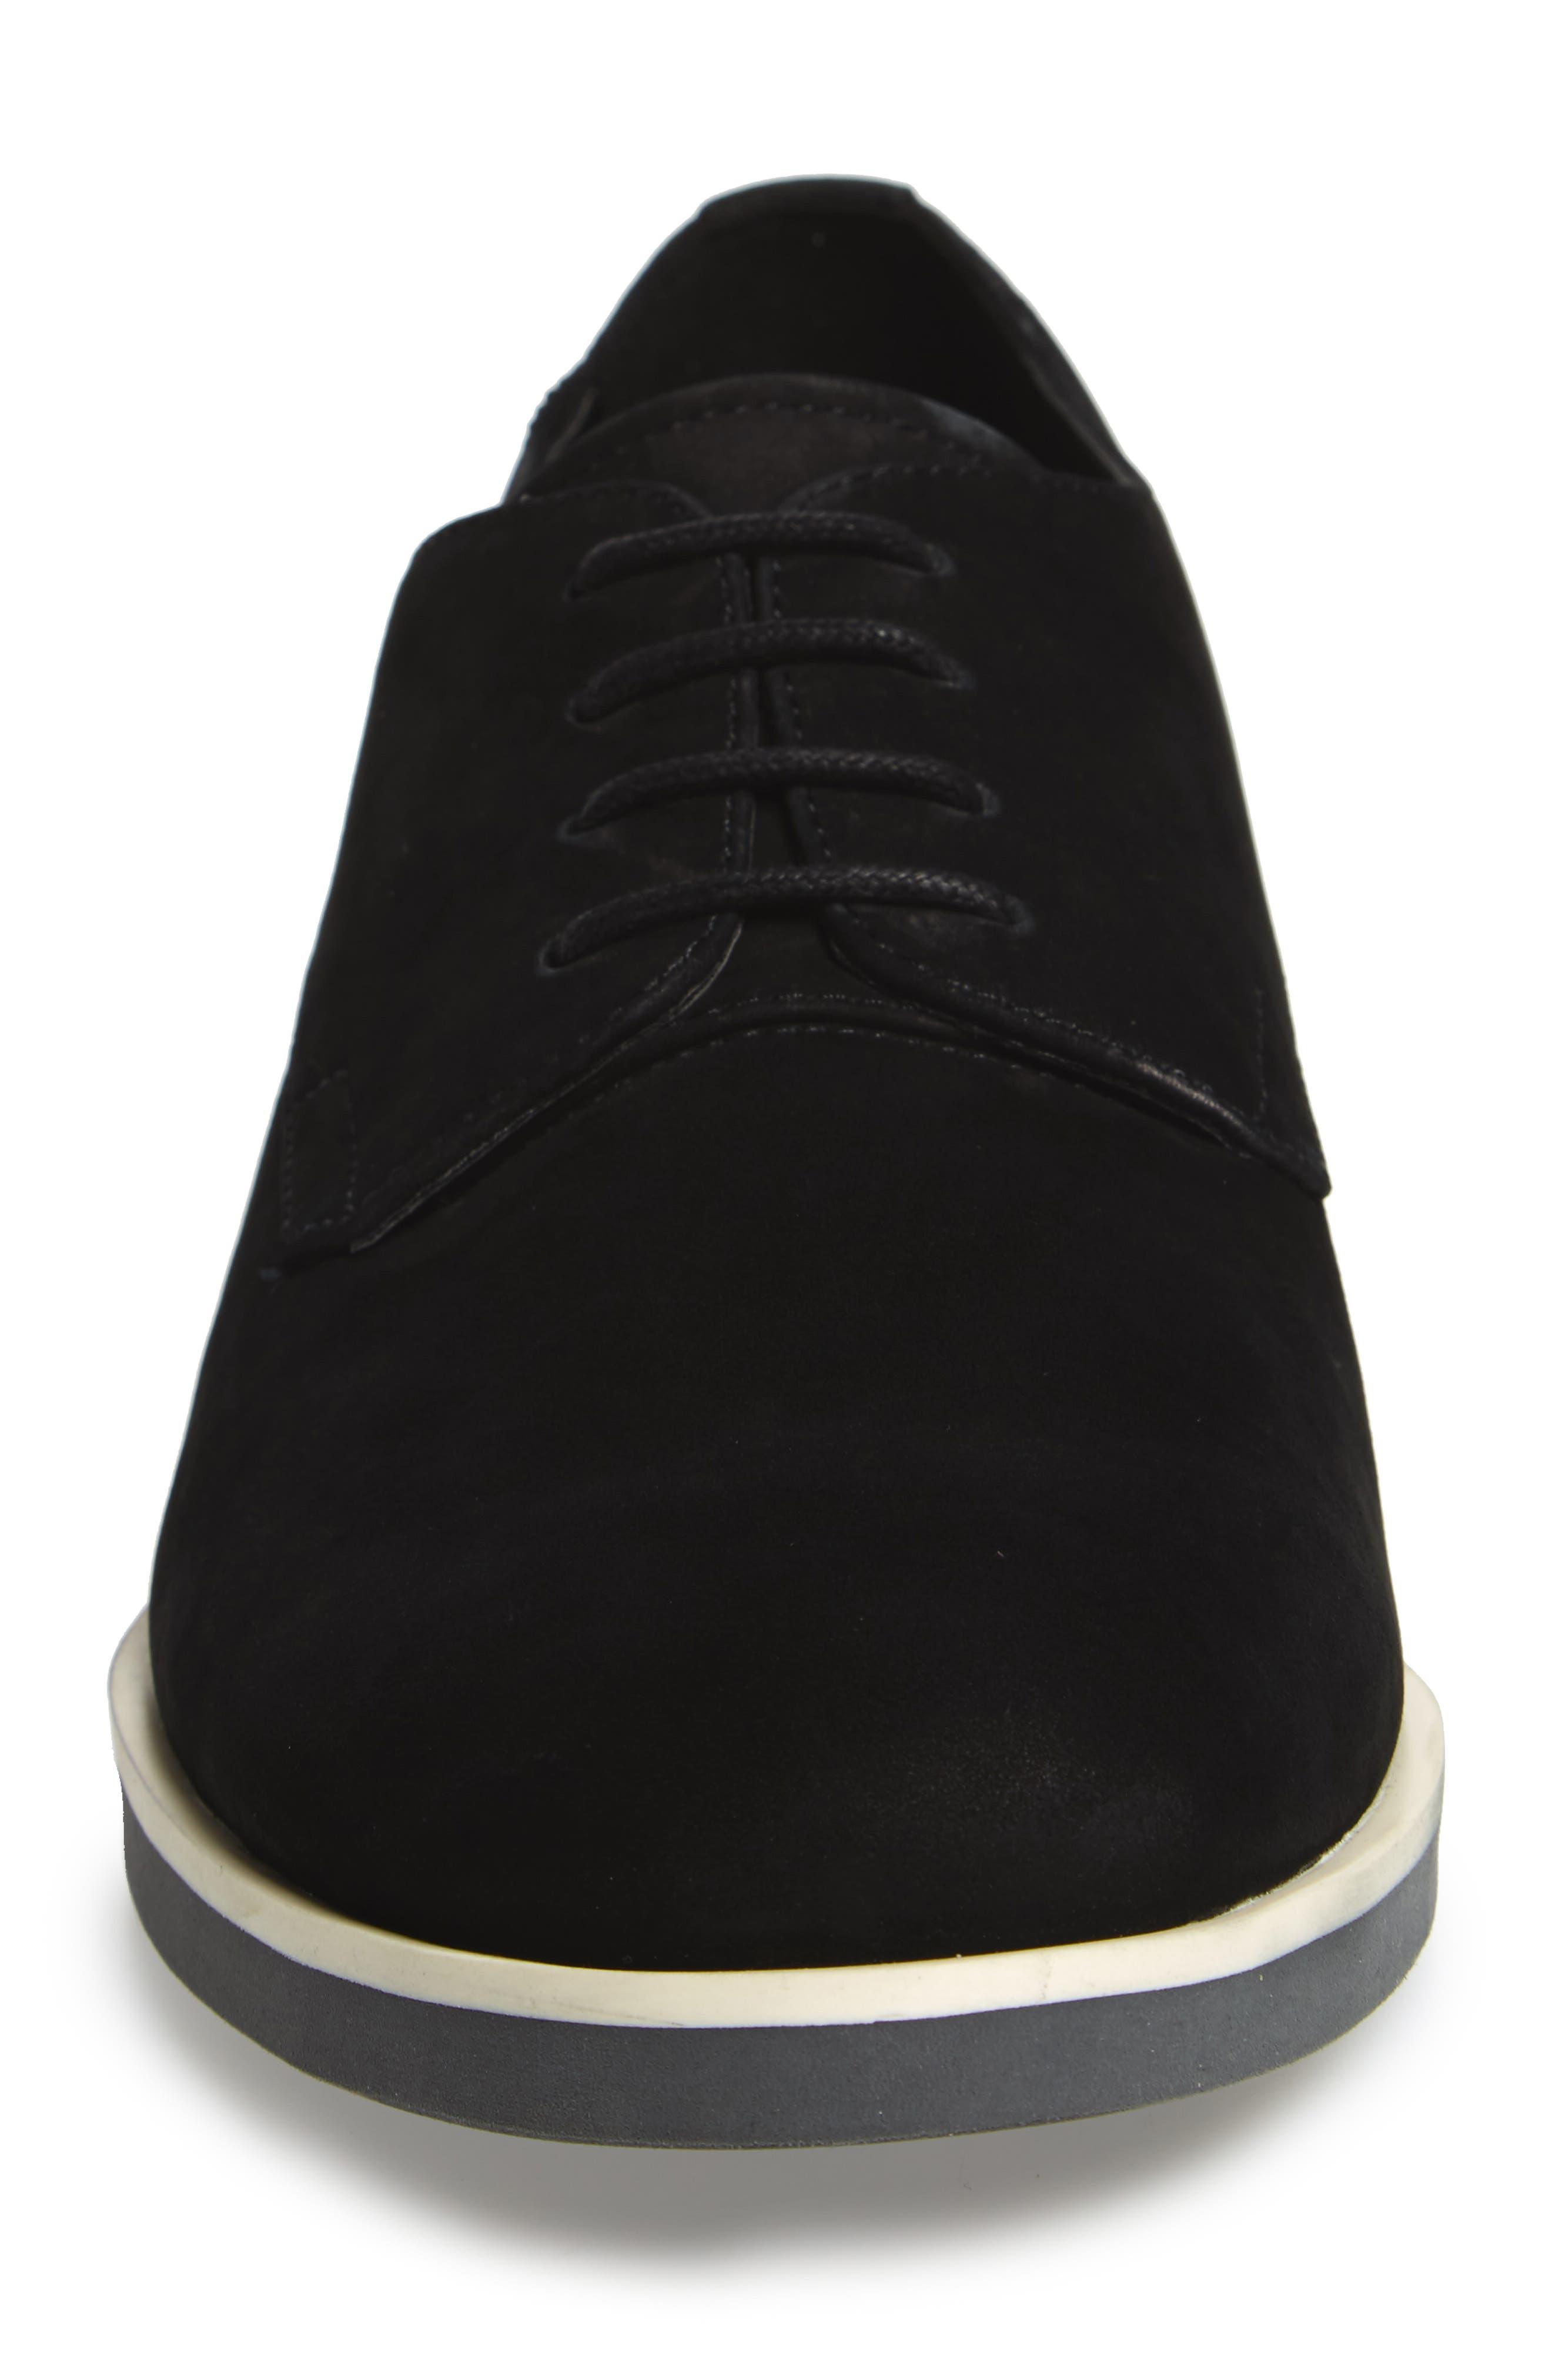 Faustino Plain-Toe Oxford,                             Alternate thumbnail 4, color,                             Black Leather